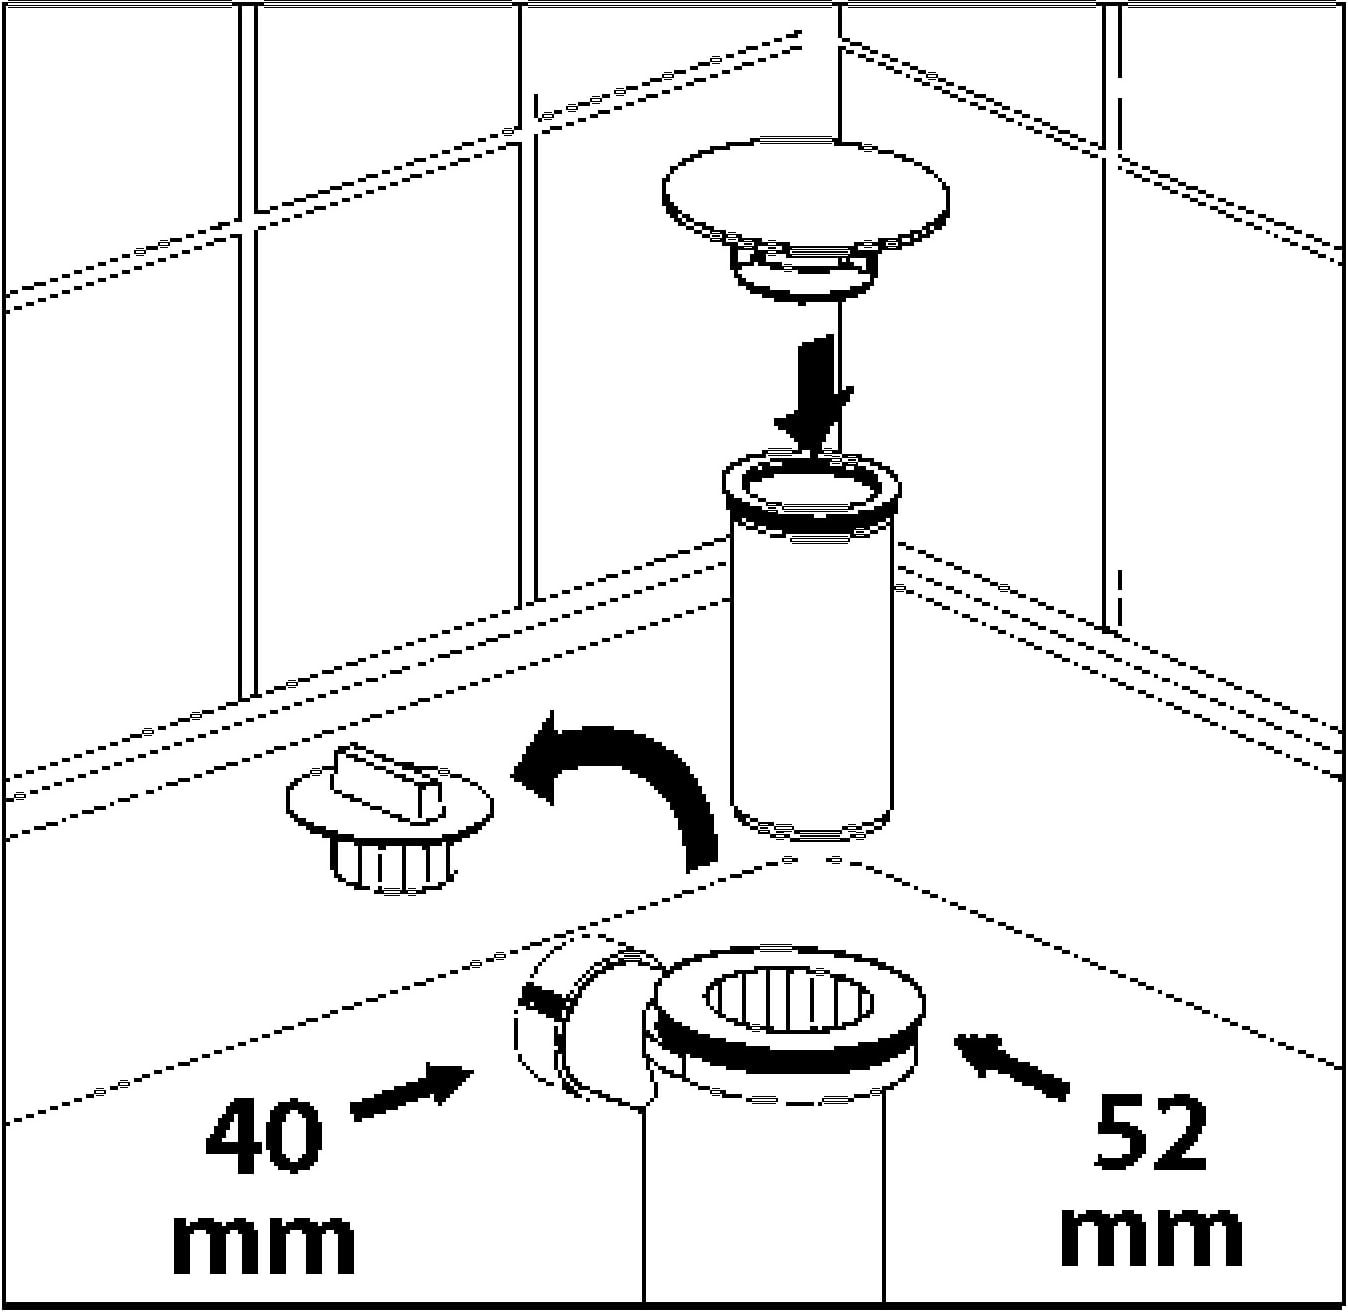 Ablaufloch Modell 1 Sanitop-Wingenroth 22204 4 Brausewannen Ablaufgarnitur 52 mm